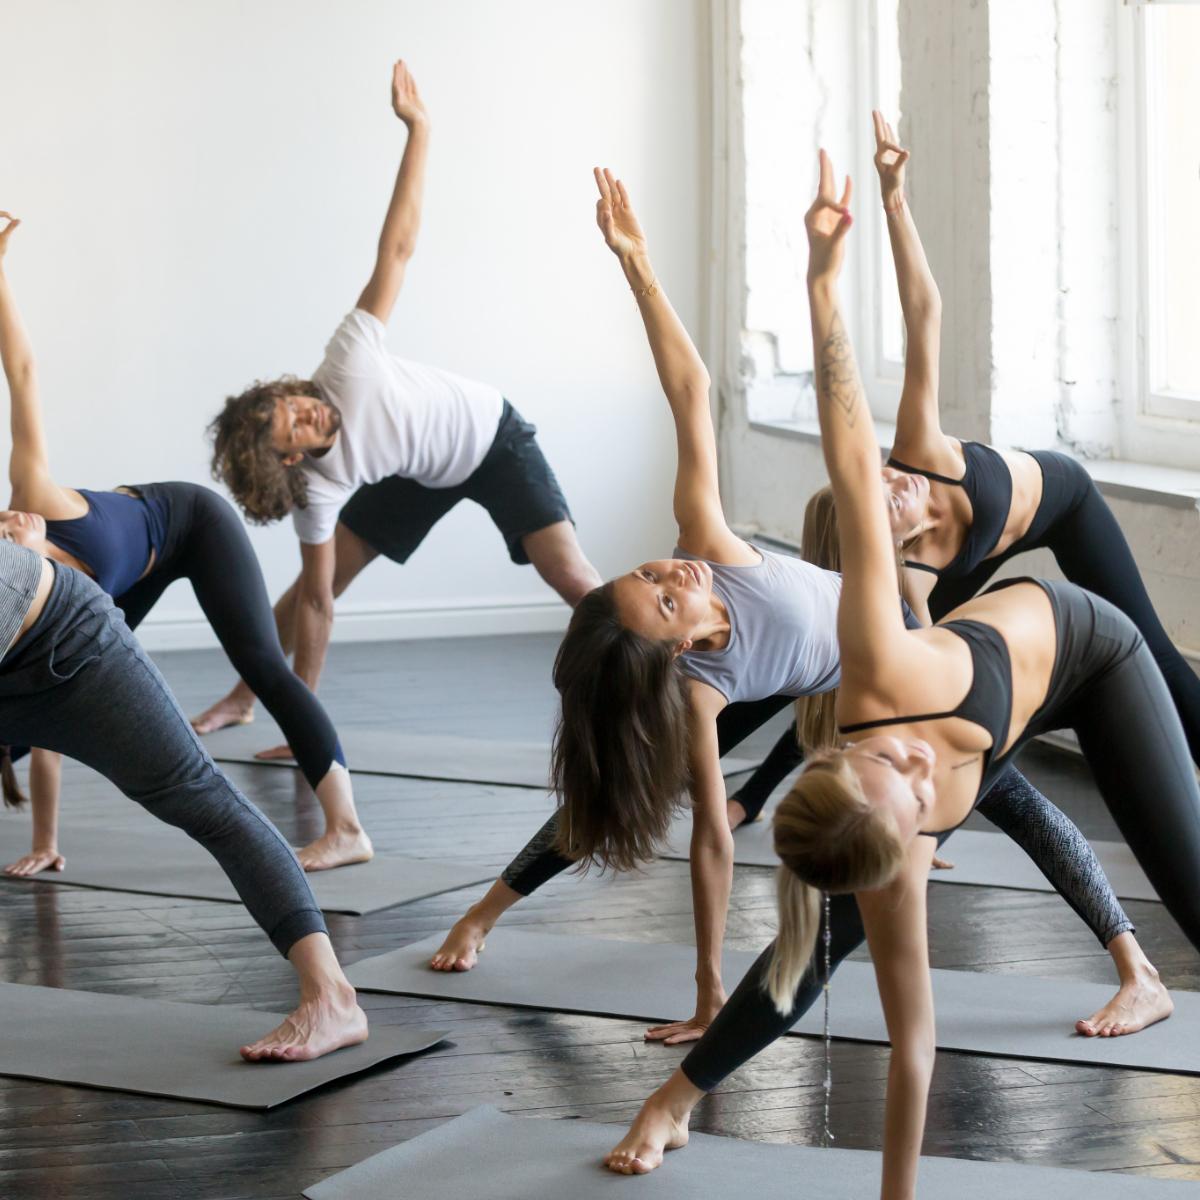 Urban Sports Club Yoga